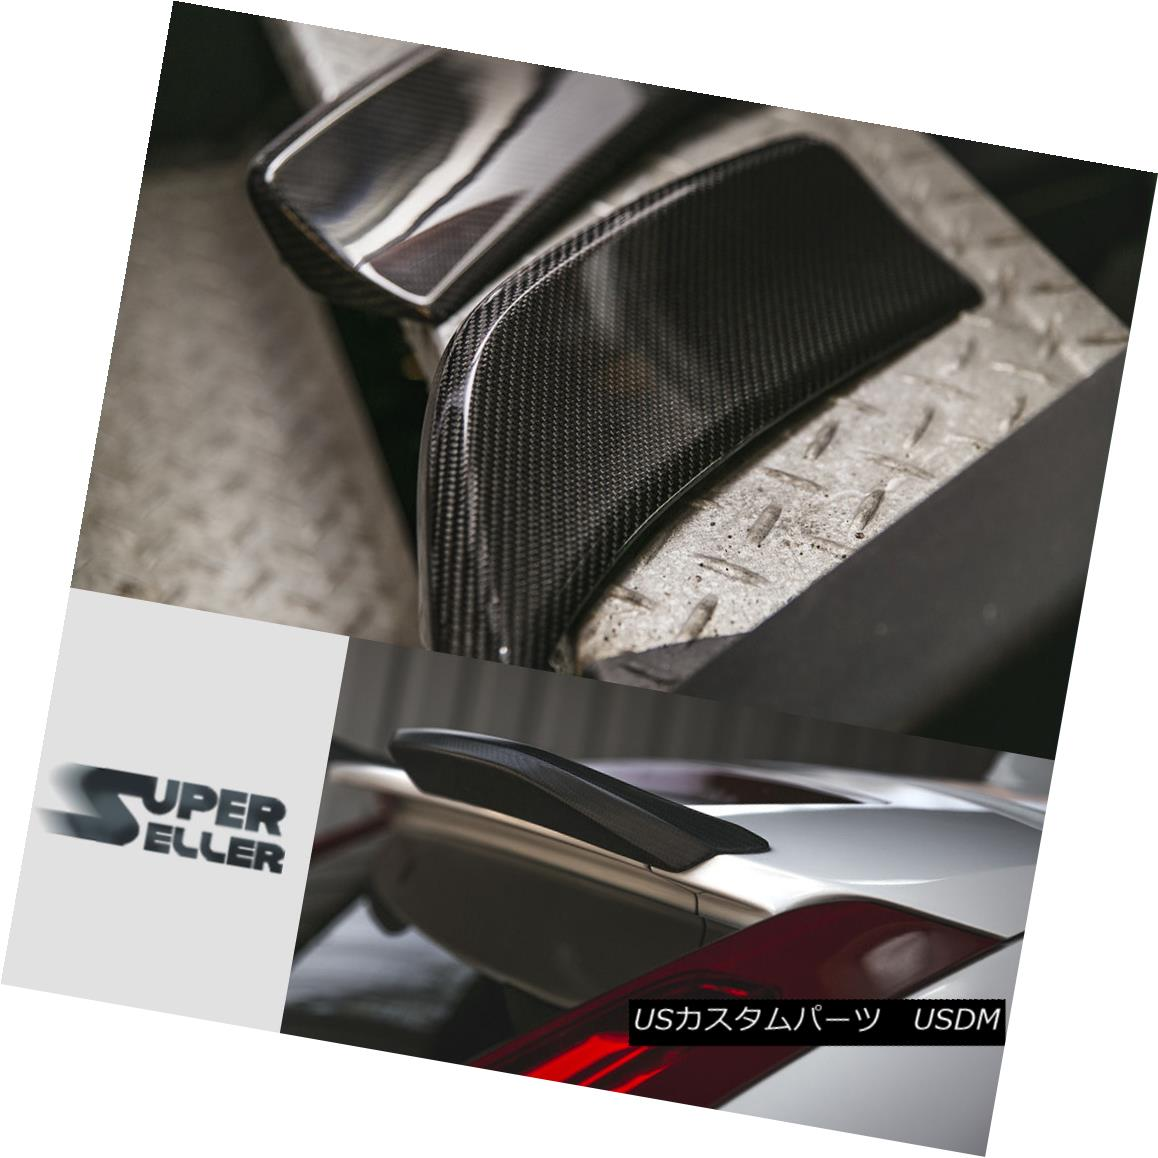 エアロパーツ Carbon Fiber For VOLVO XC60 CUV 5DR Rear Trunk Boot Spoiler 1 Pair 2017 ボルボXC60 CUV 5DRリアトランクブーツスポイラー1ペア2017用炭素繊維